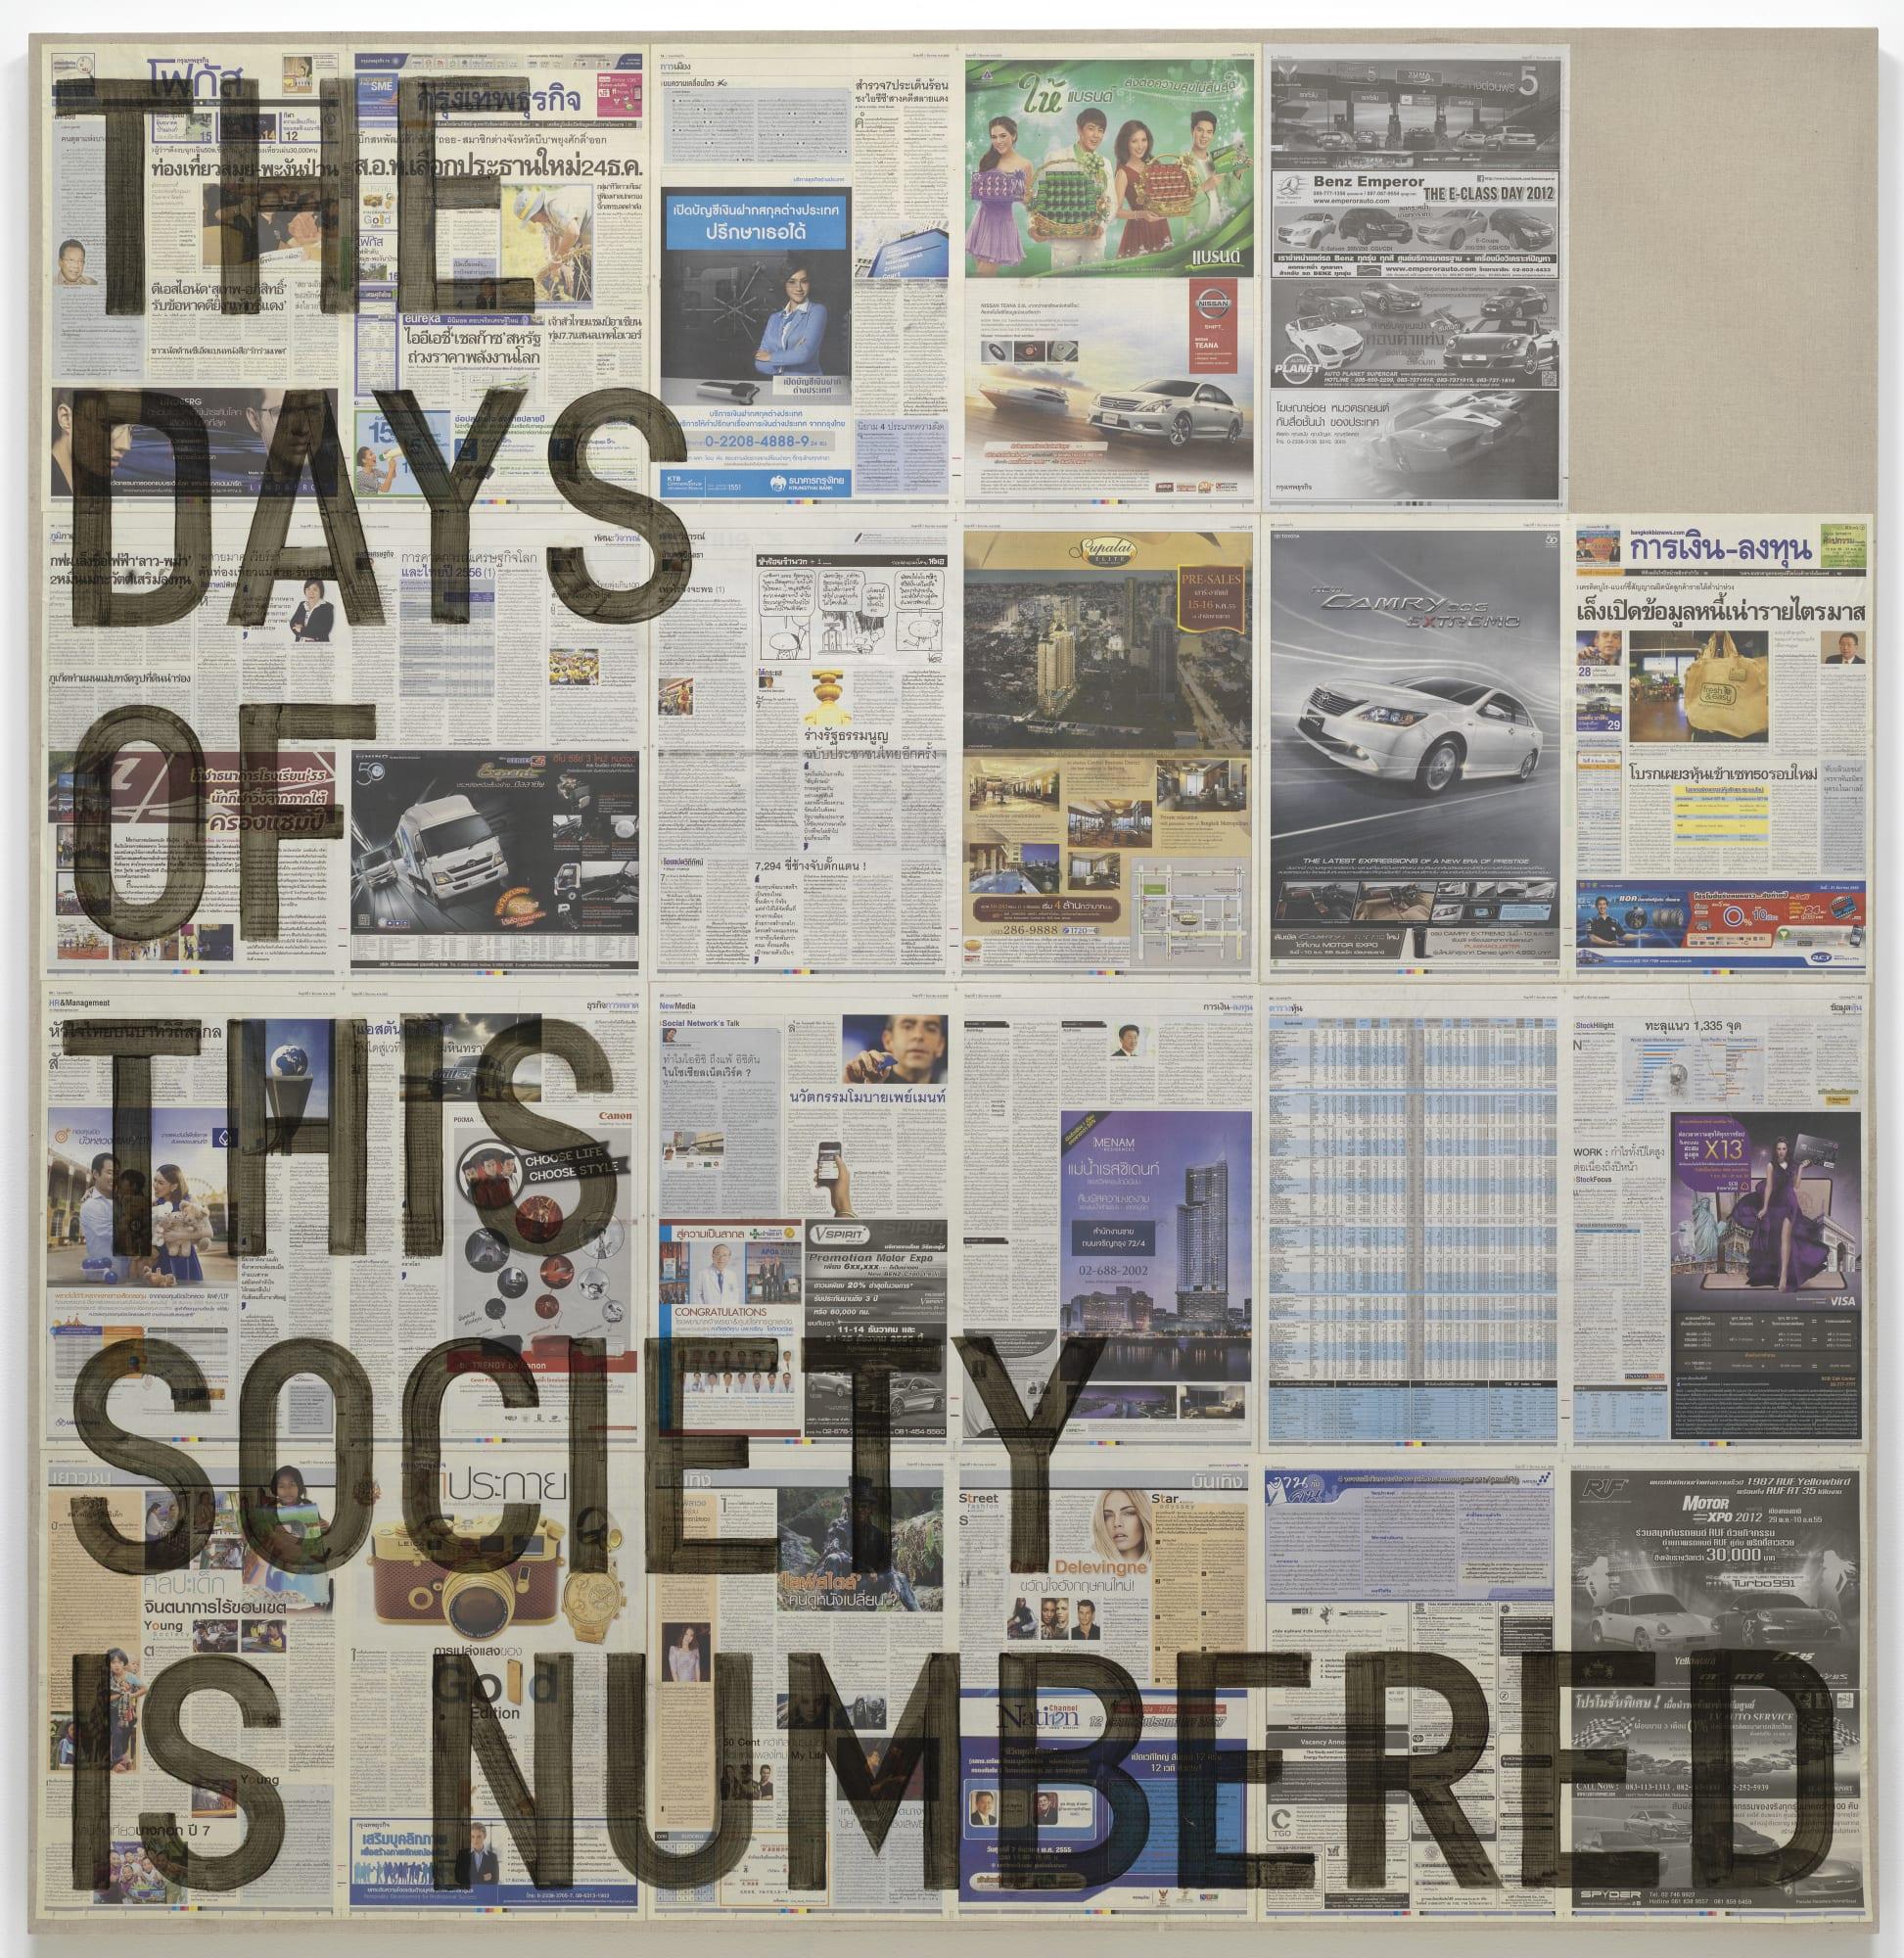 Ian Cheng, Ken Okiishi, Rirkrit Tiravanija Being Modern: MoMA in Paris